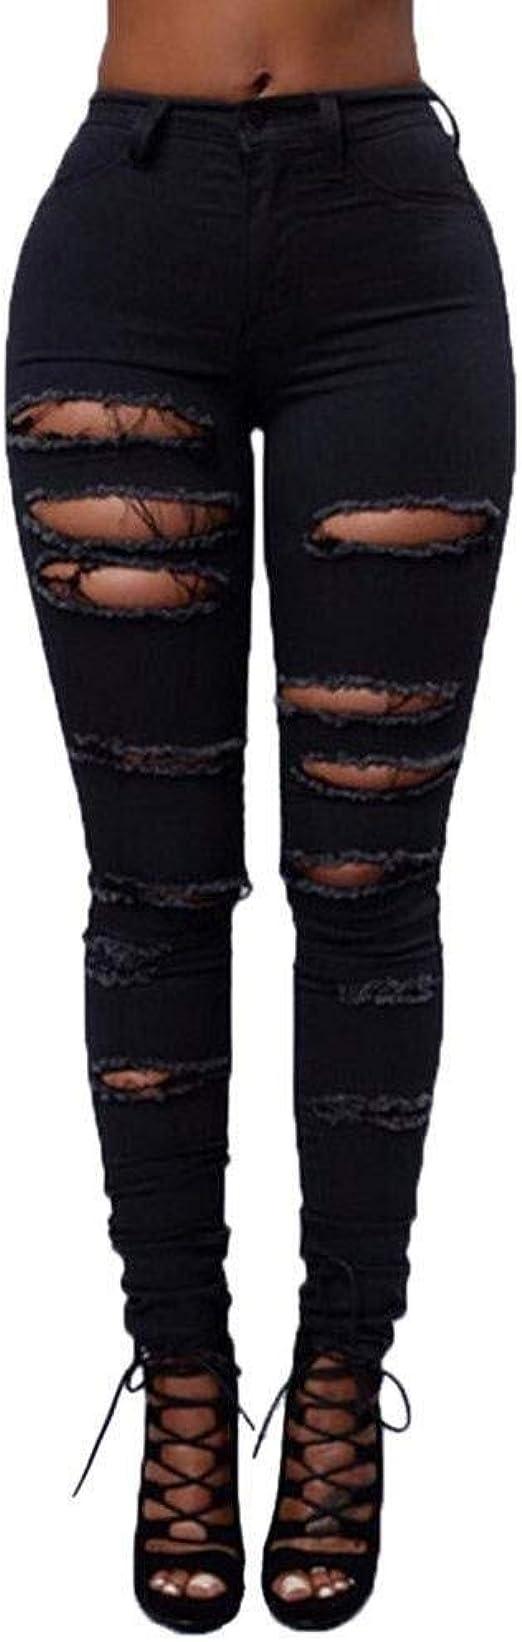 HX fashion 穴のある女性のジーンズパンツ破れたスキニーデニムパンツハイウエストスリムストレッチストレートパンツスリムフィットストレッチスタイリッシュなボーイフレンドジーンズの穴